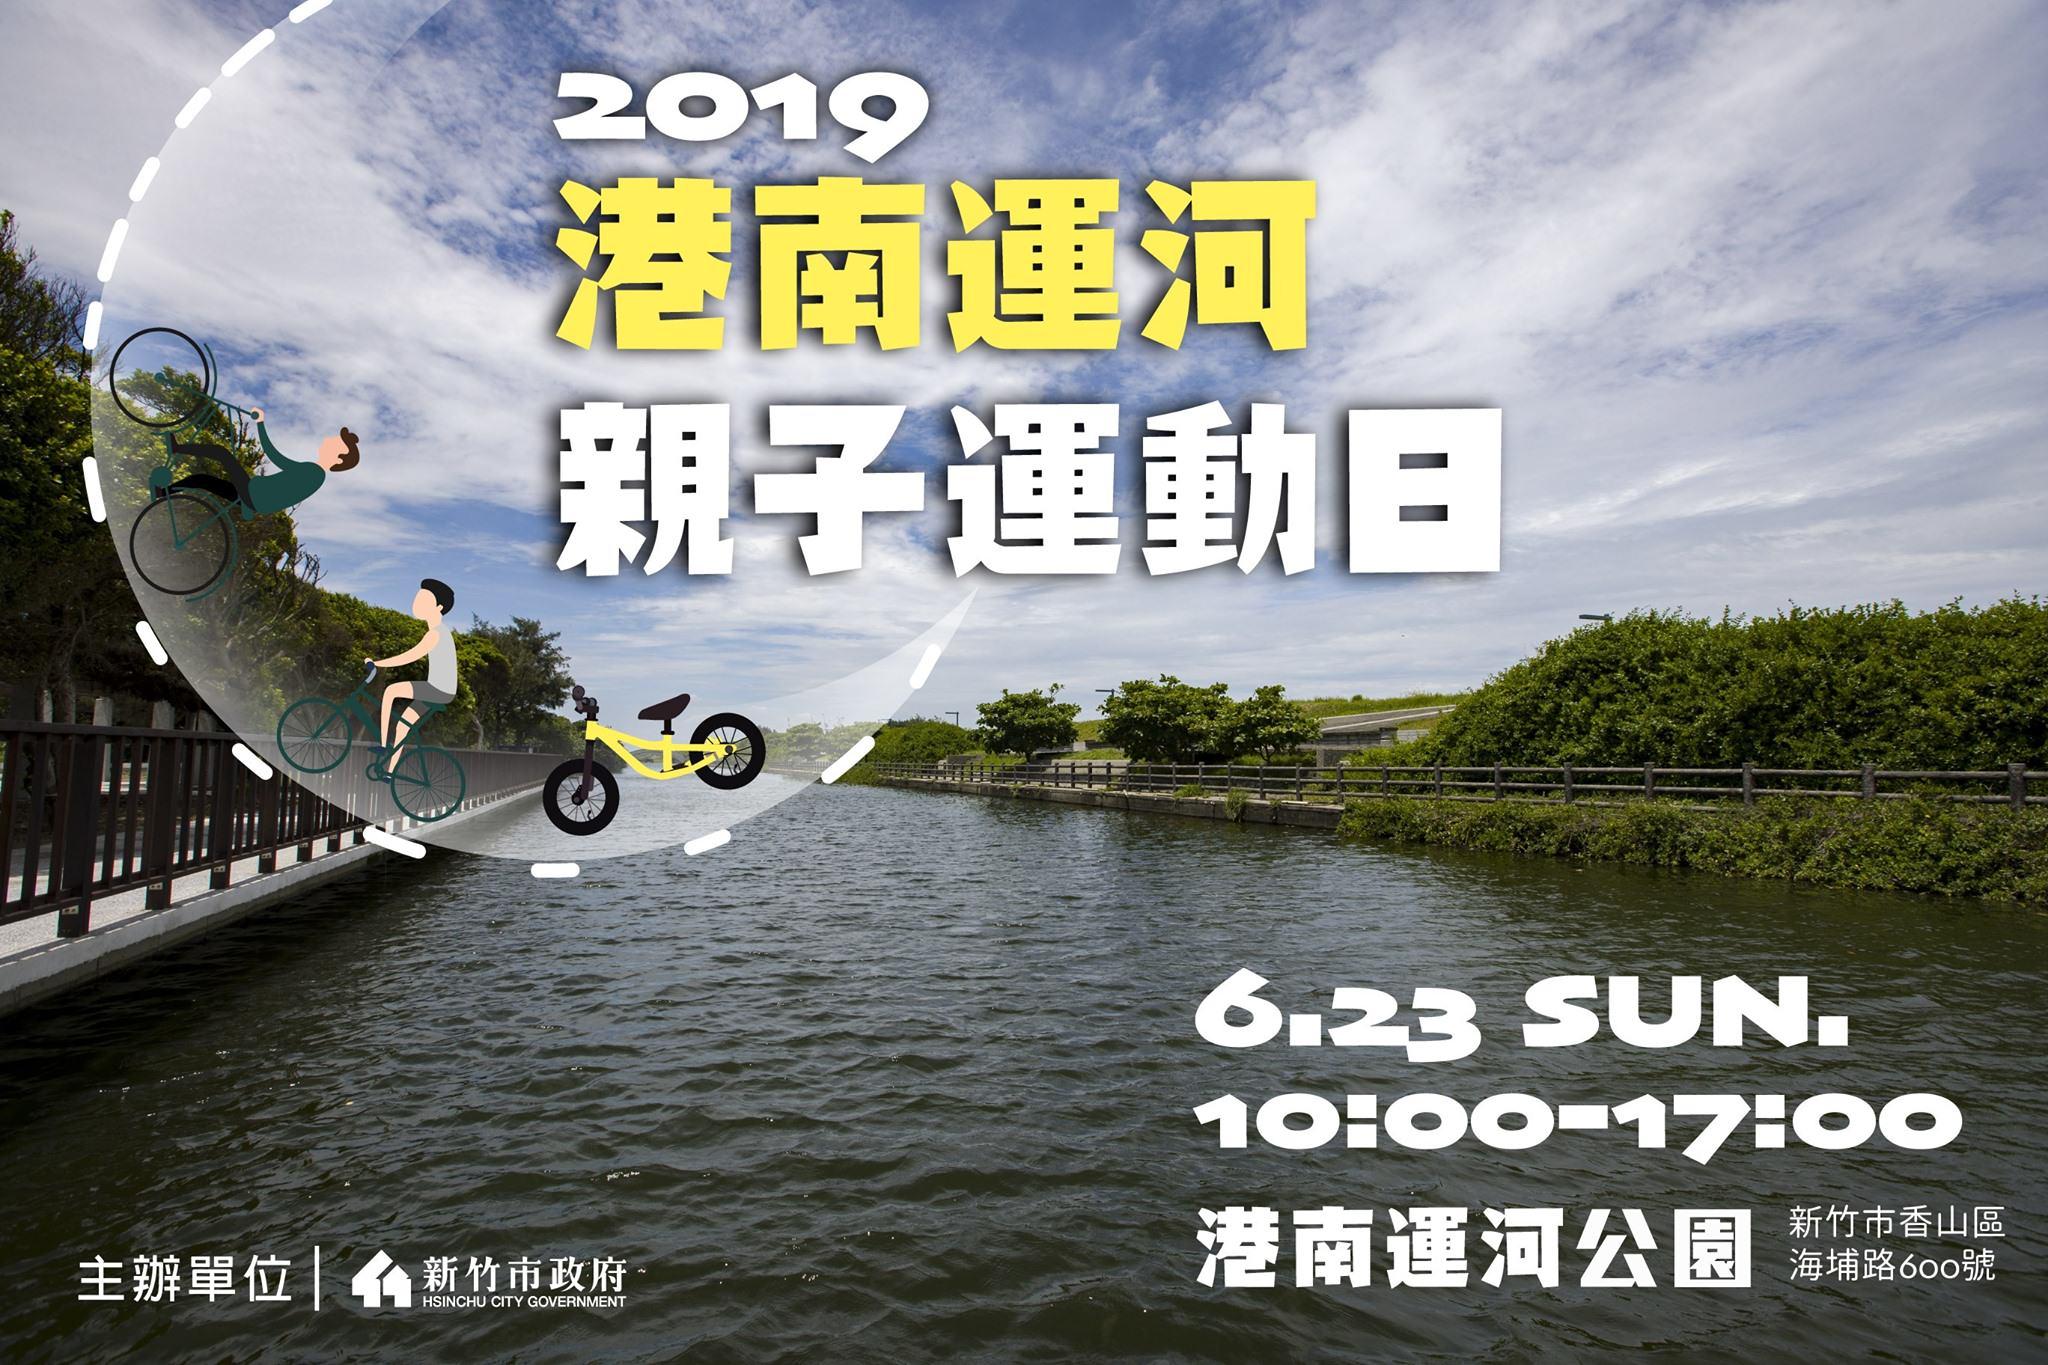 2019港南運河親子運動日!港南運河風景區即將開放,6月29日一起來無障礙海岸新樂園